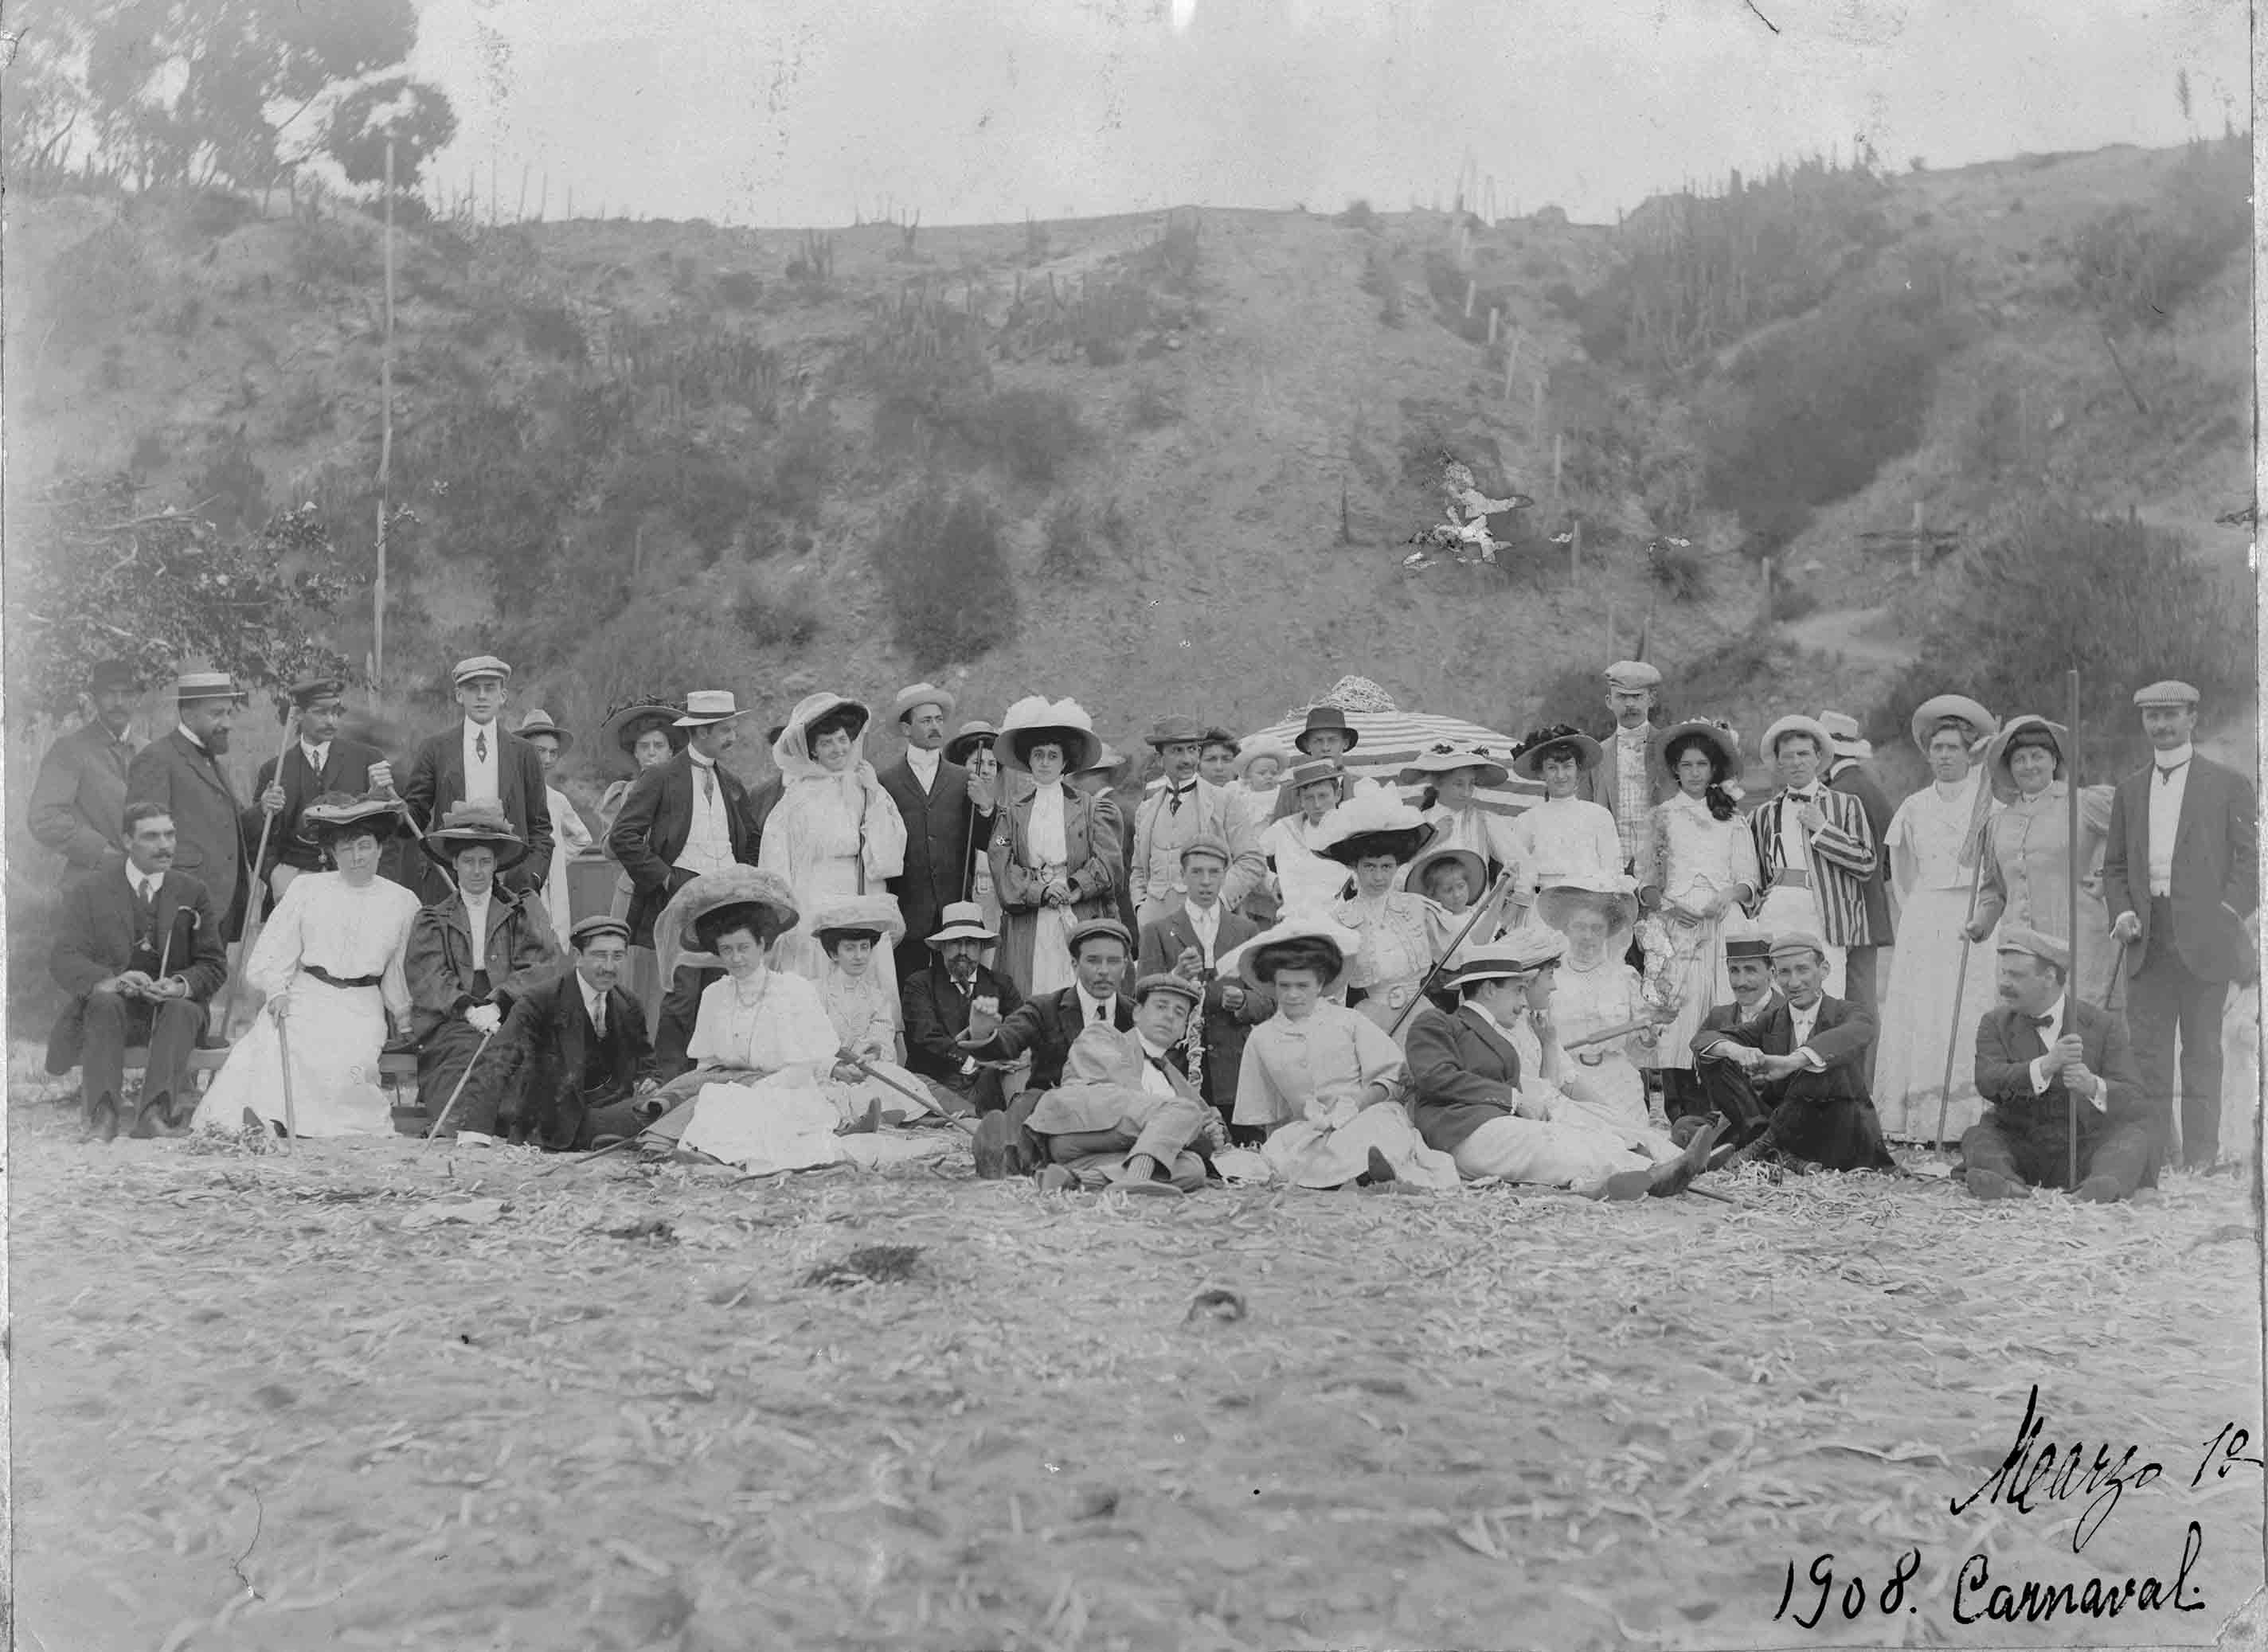 Enterreno - Fotos históricas de chile - fotos antiguas de Chile - Carnaval en la Playa de Zapallar en 1908